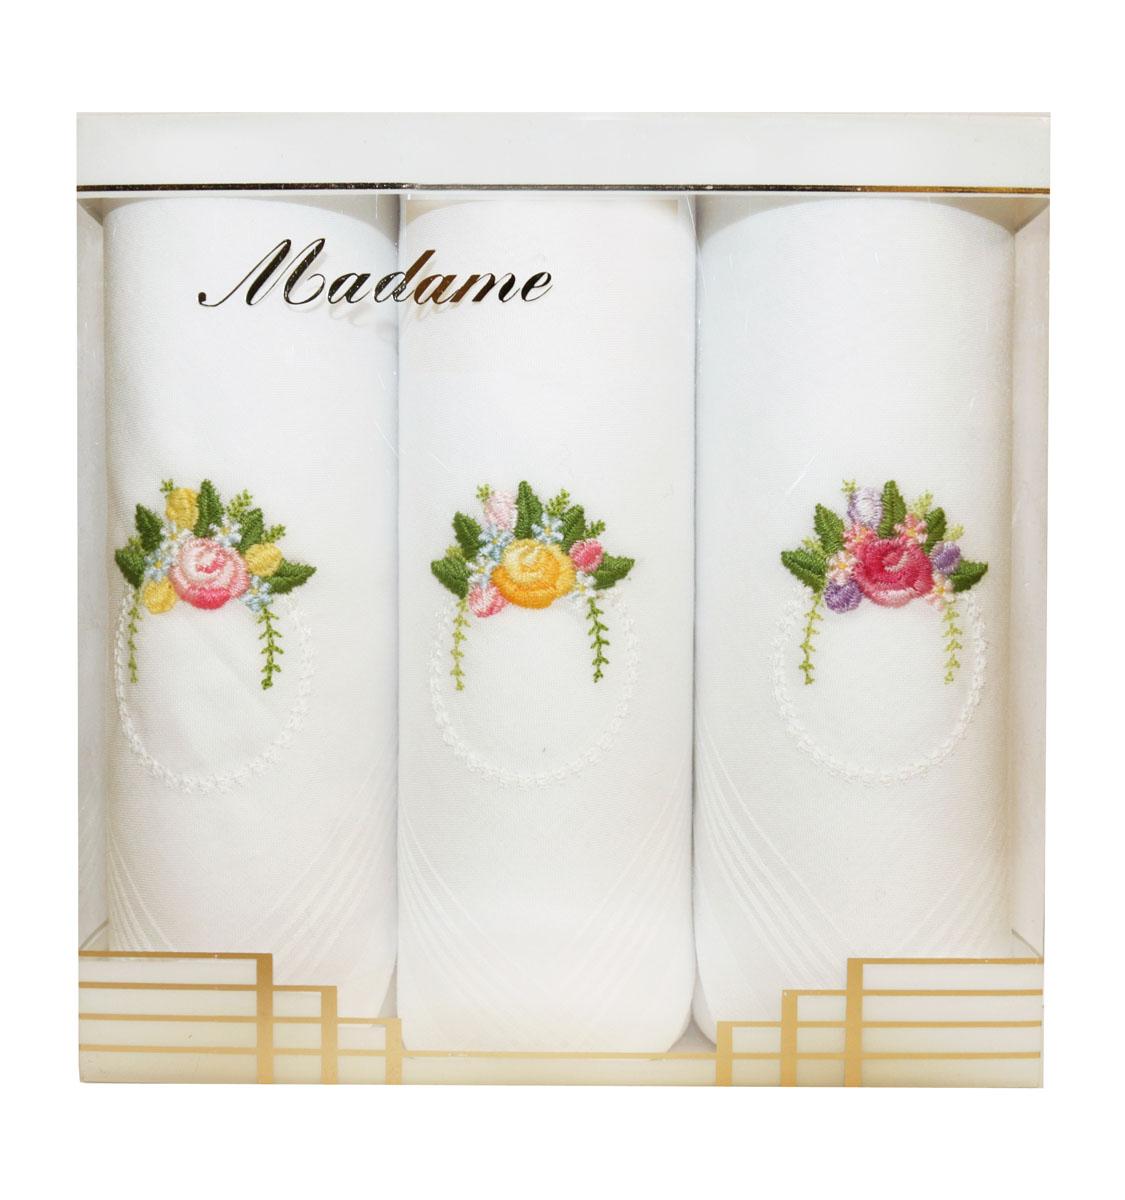 06601-3 Zlata Korunka Носовой платок женский, цвет: мультиколор, 30х30 см, 3 шт06601-3Платки носовые женские в упаковке по 3 шт. Носовые платки изготовлены из 100% хлопка, так как этот материал приятен в использовании, хорошо стирается, не садится, отлично впитывает влагу.